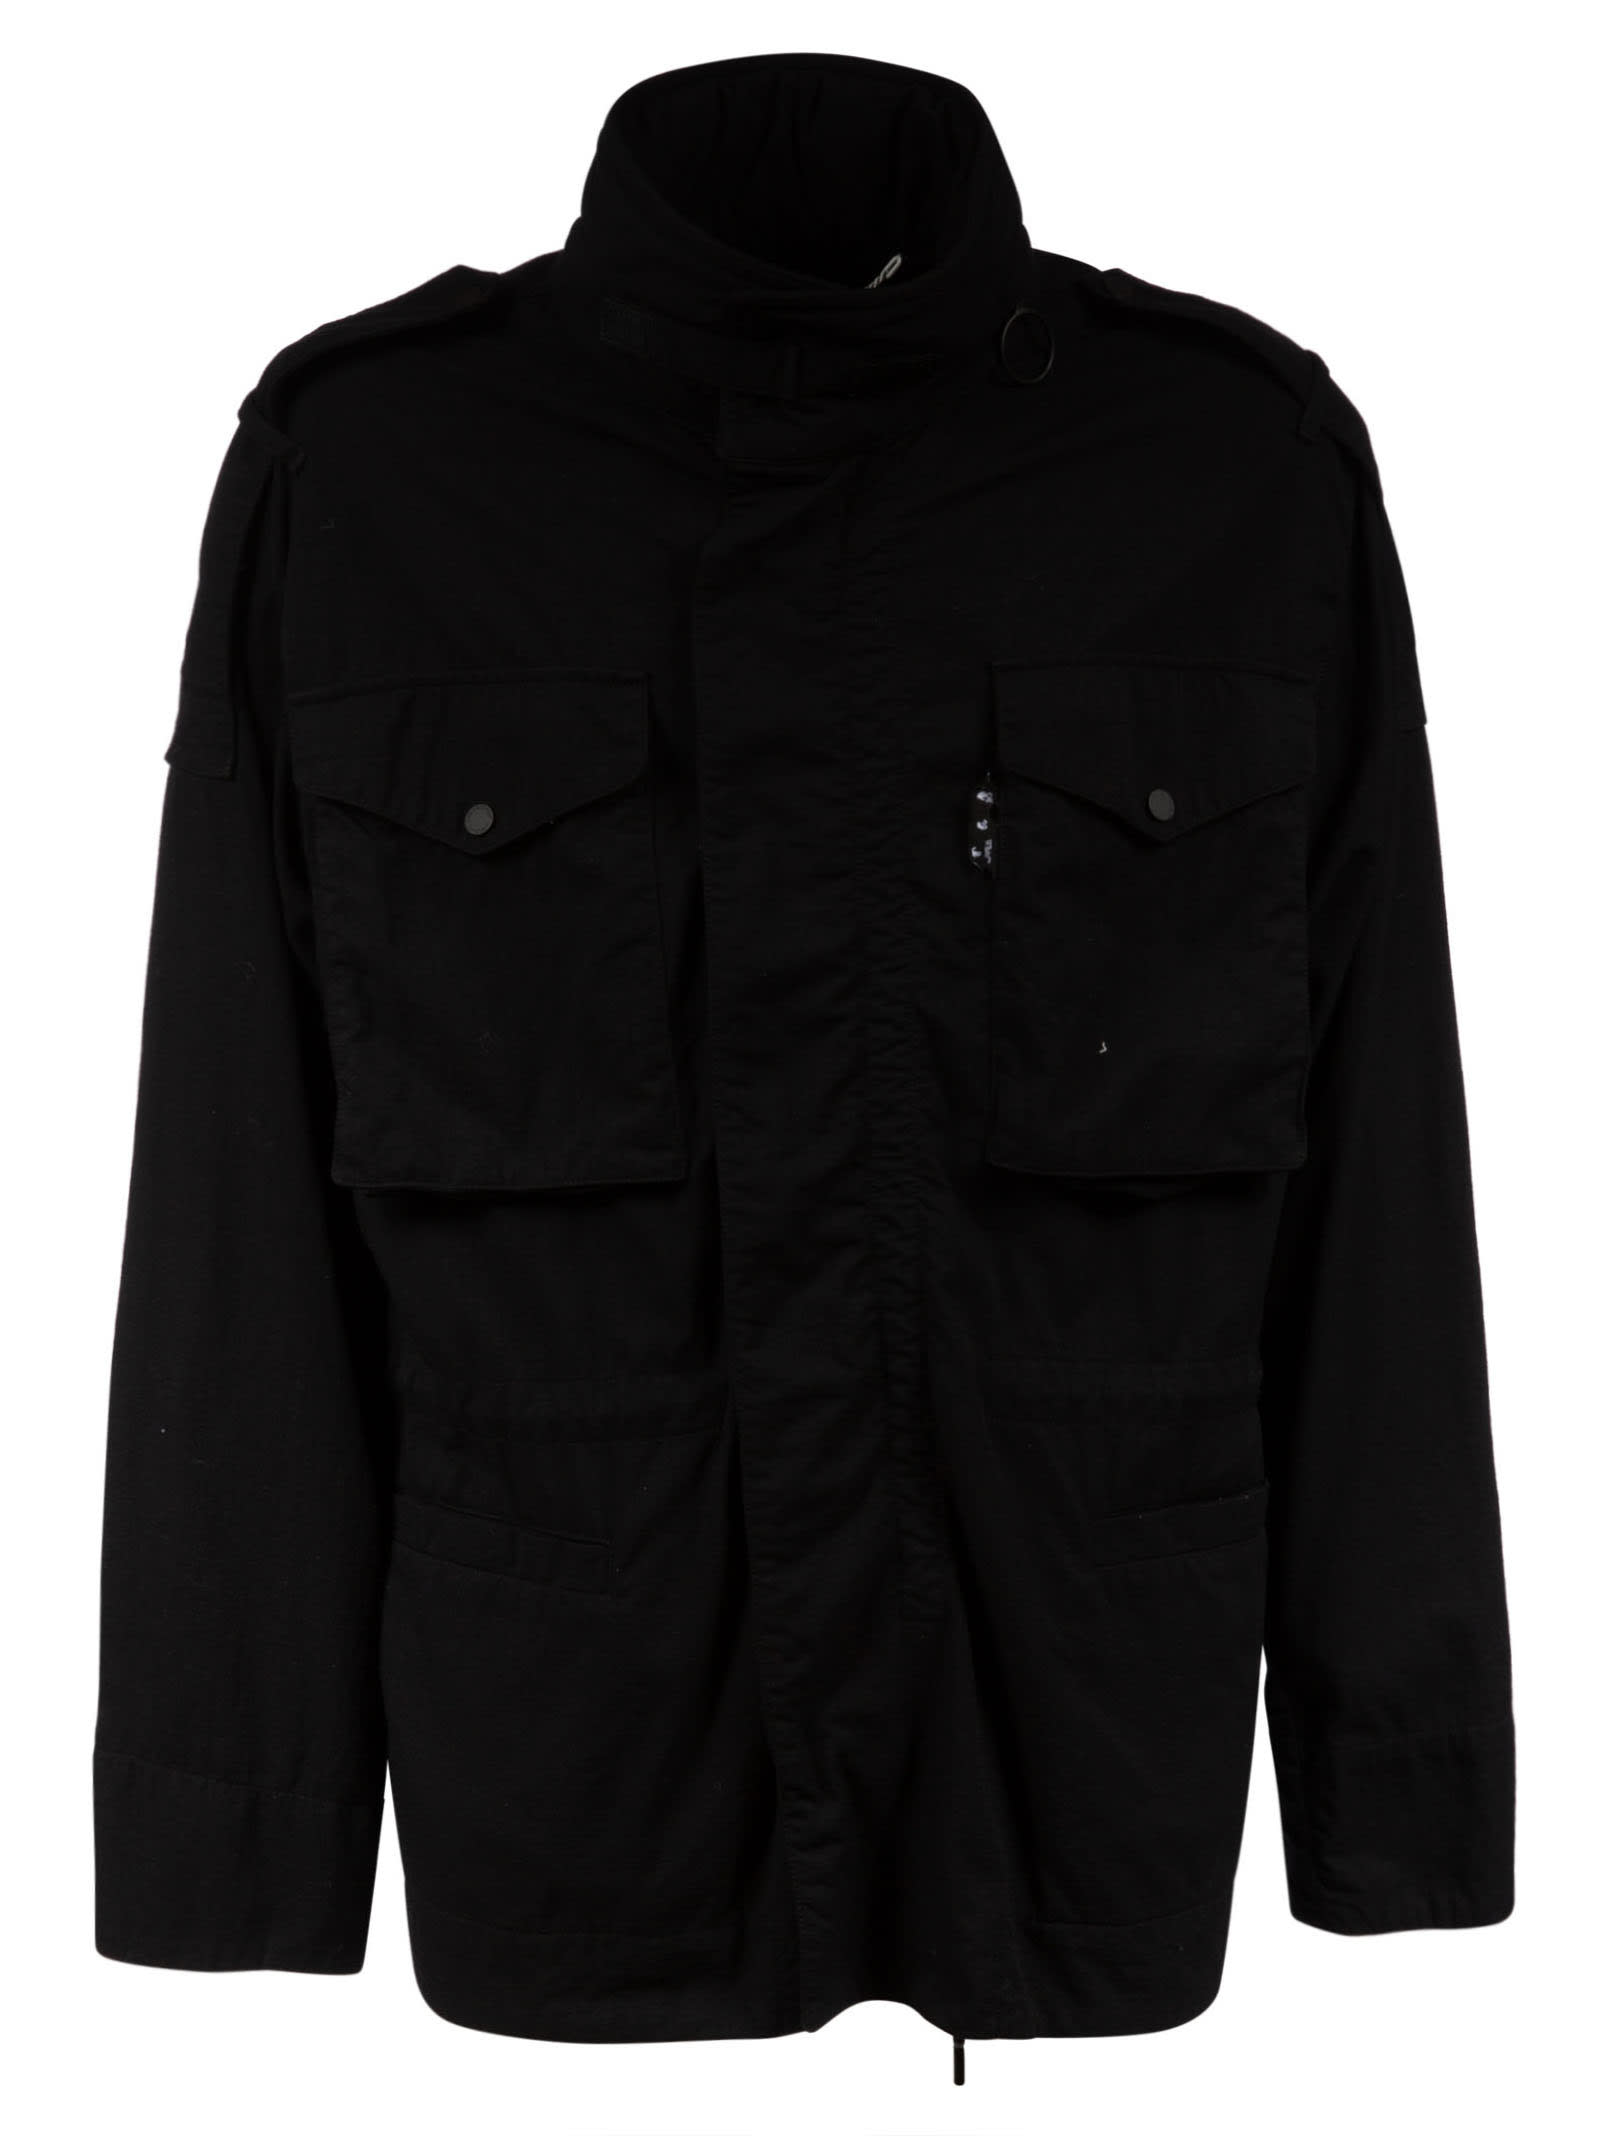 Off-White Jackets ARROW FIELD JACKET